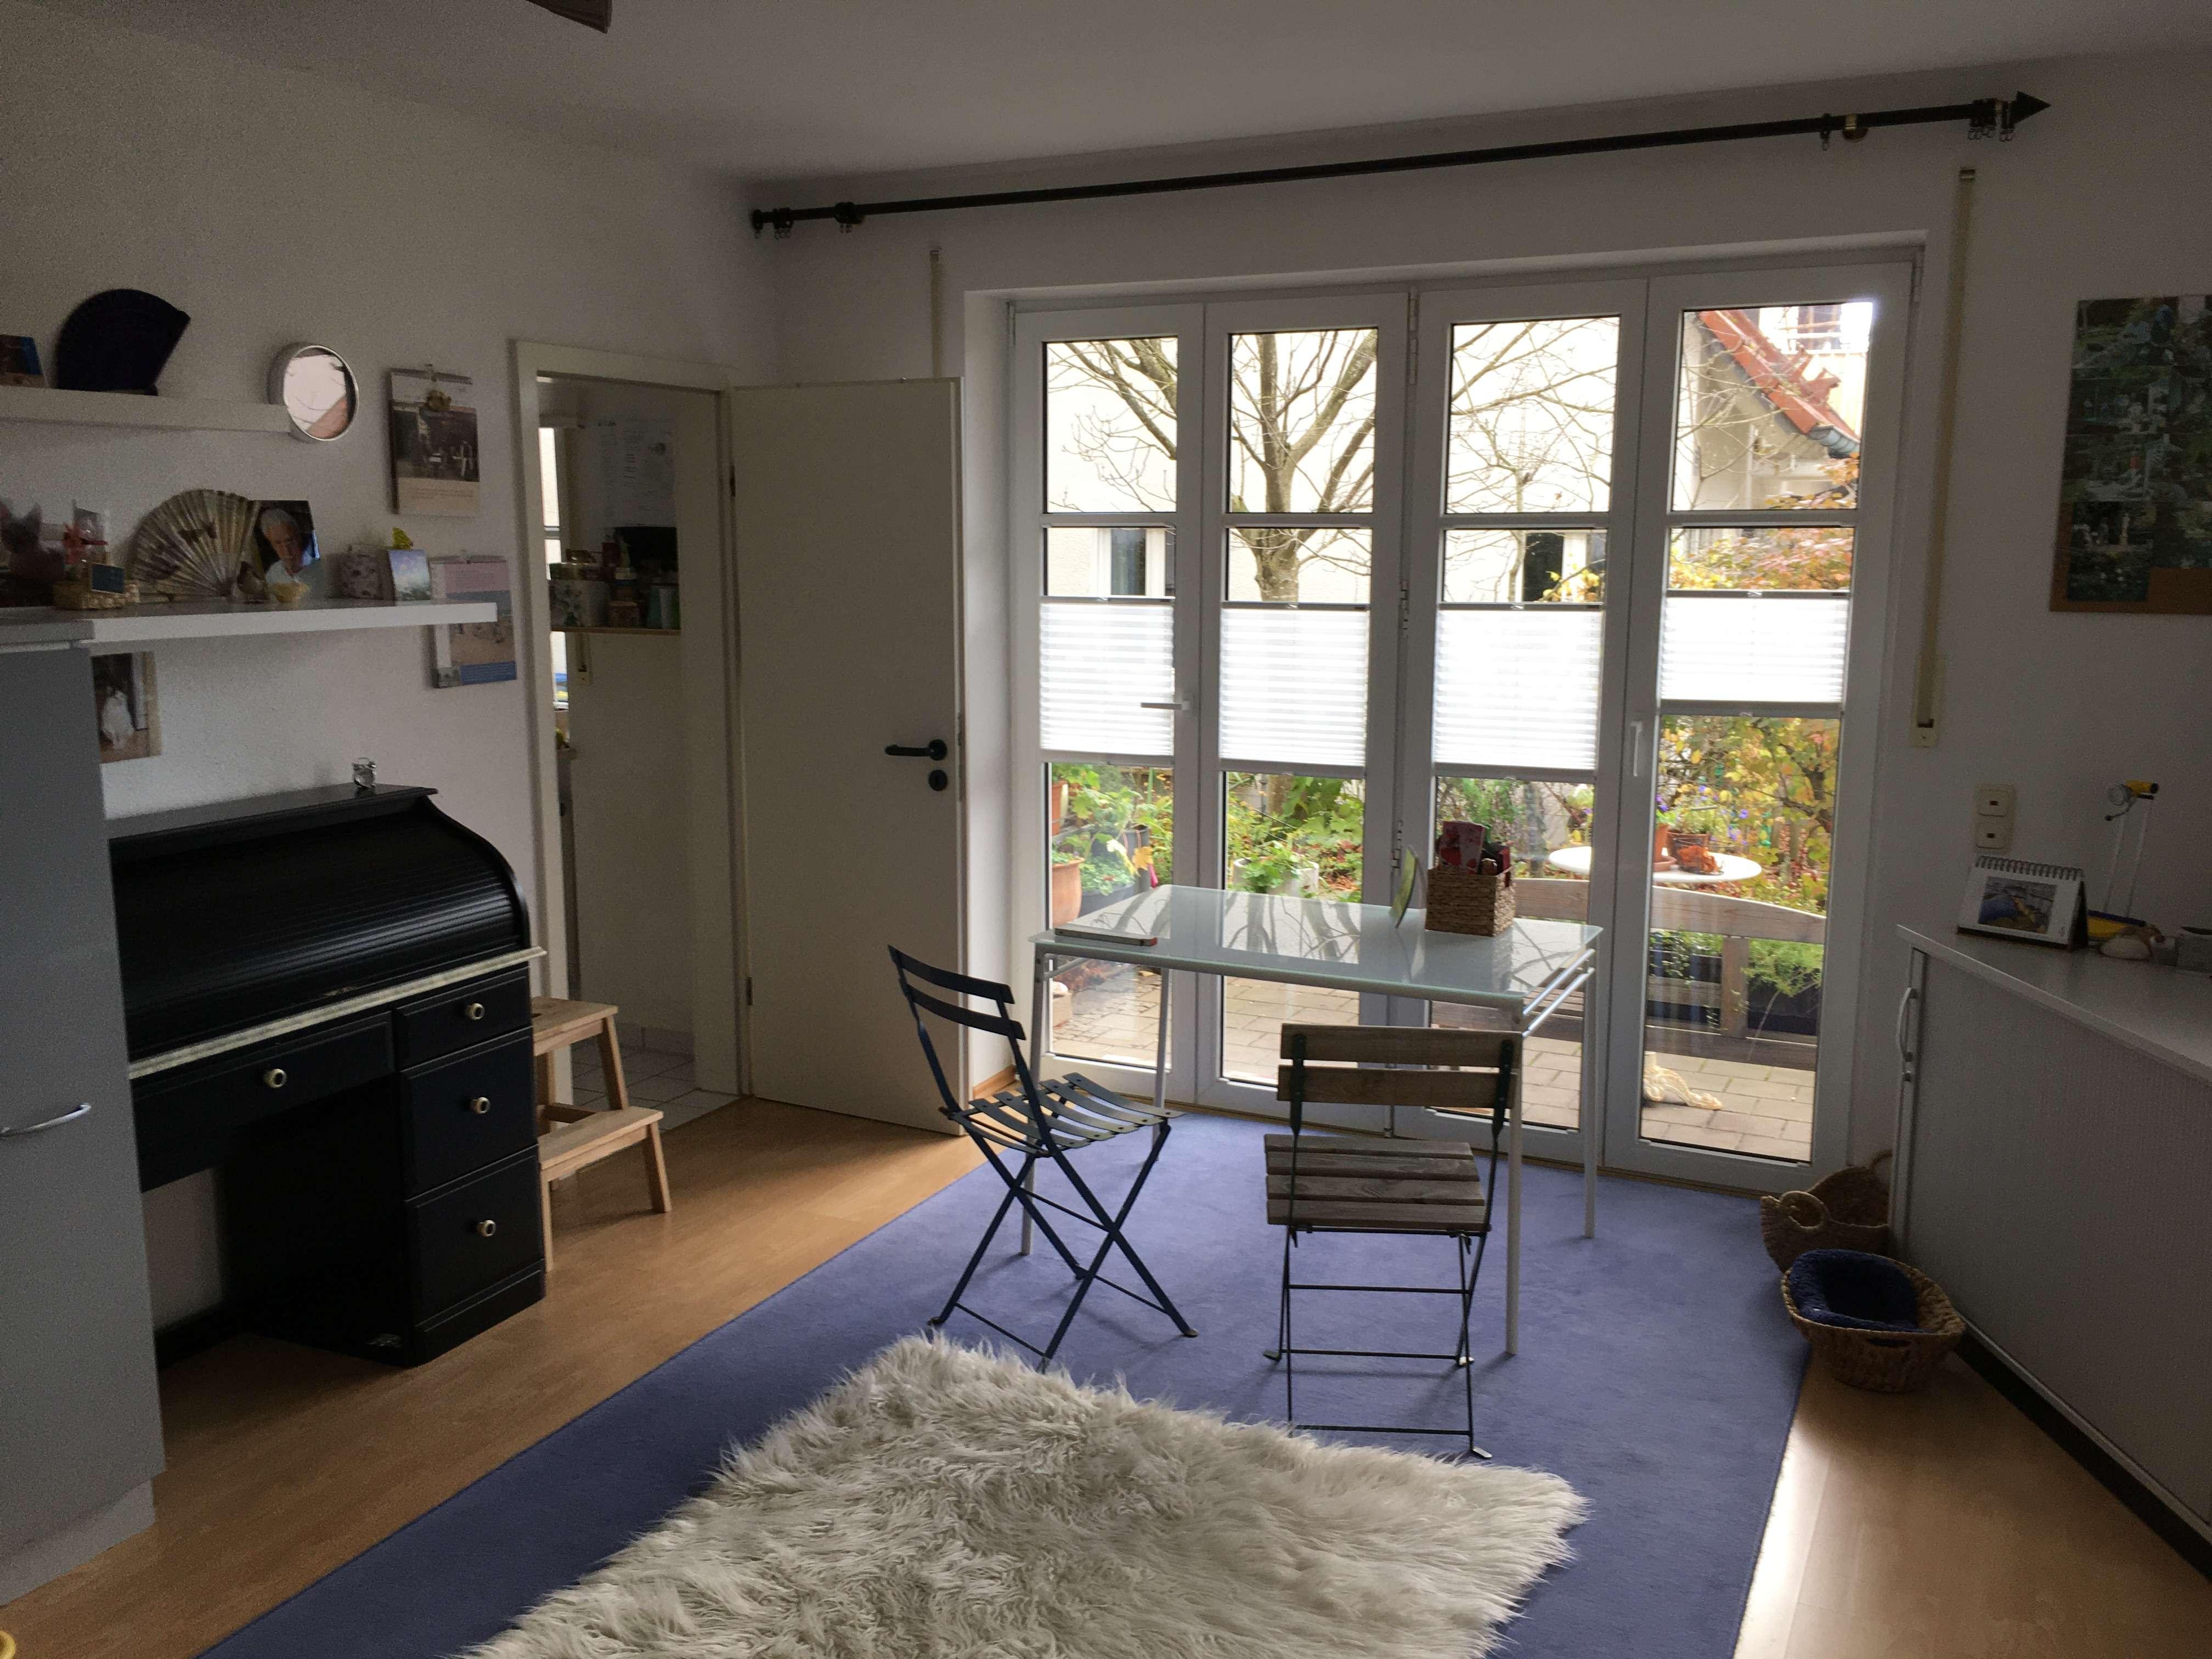 Schöne, geräumige 1-Zimmer Wohnung in Schwabhausen in Schwabhausen (Dachau)